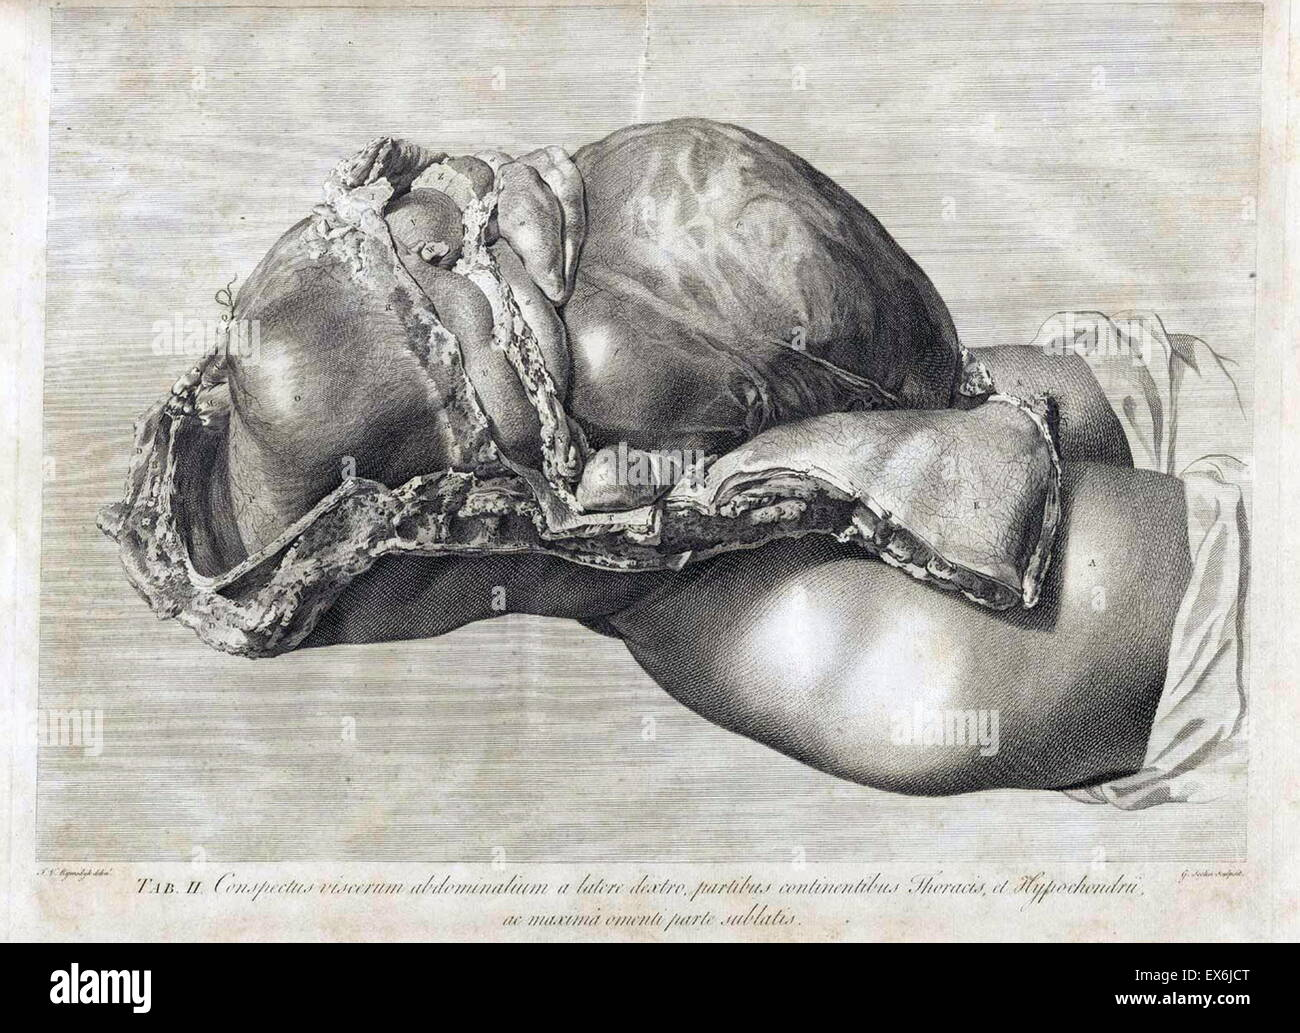 Increíble Viejas Ilustraciones De Anatomía Bandera - Imágenes de ...